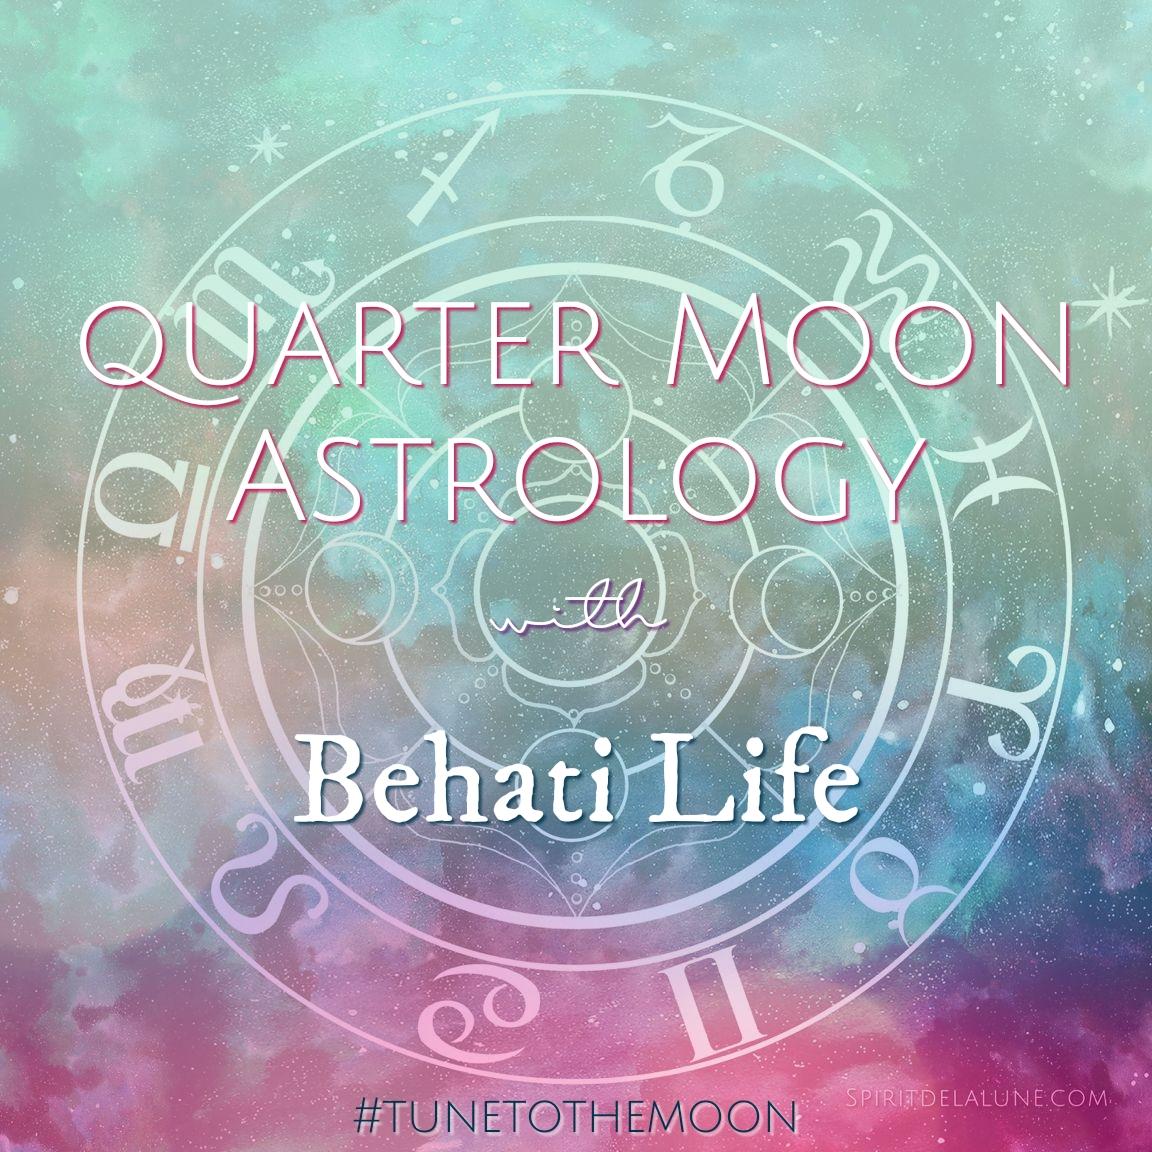 Quarter Moon Astrology - Spirit de la lune